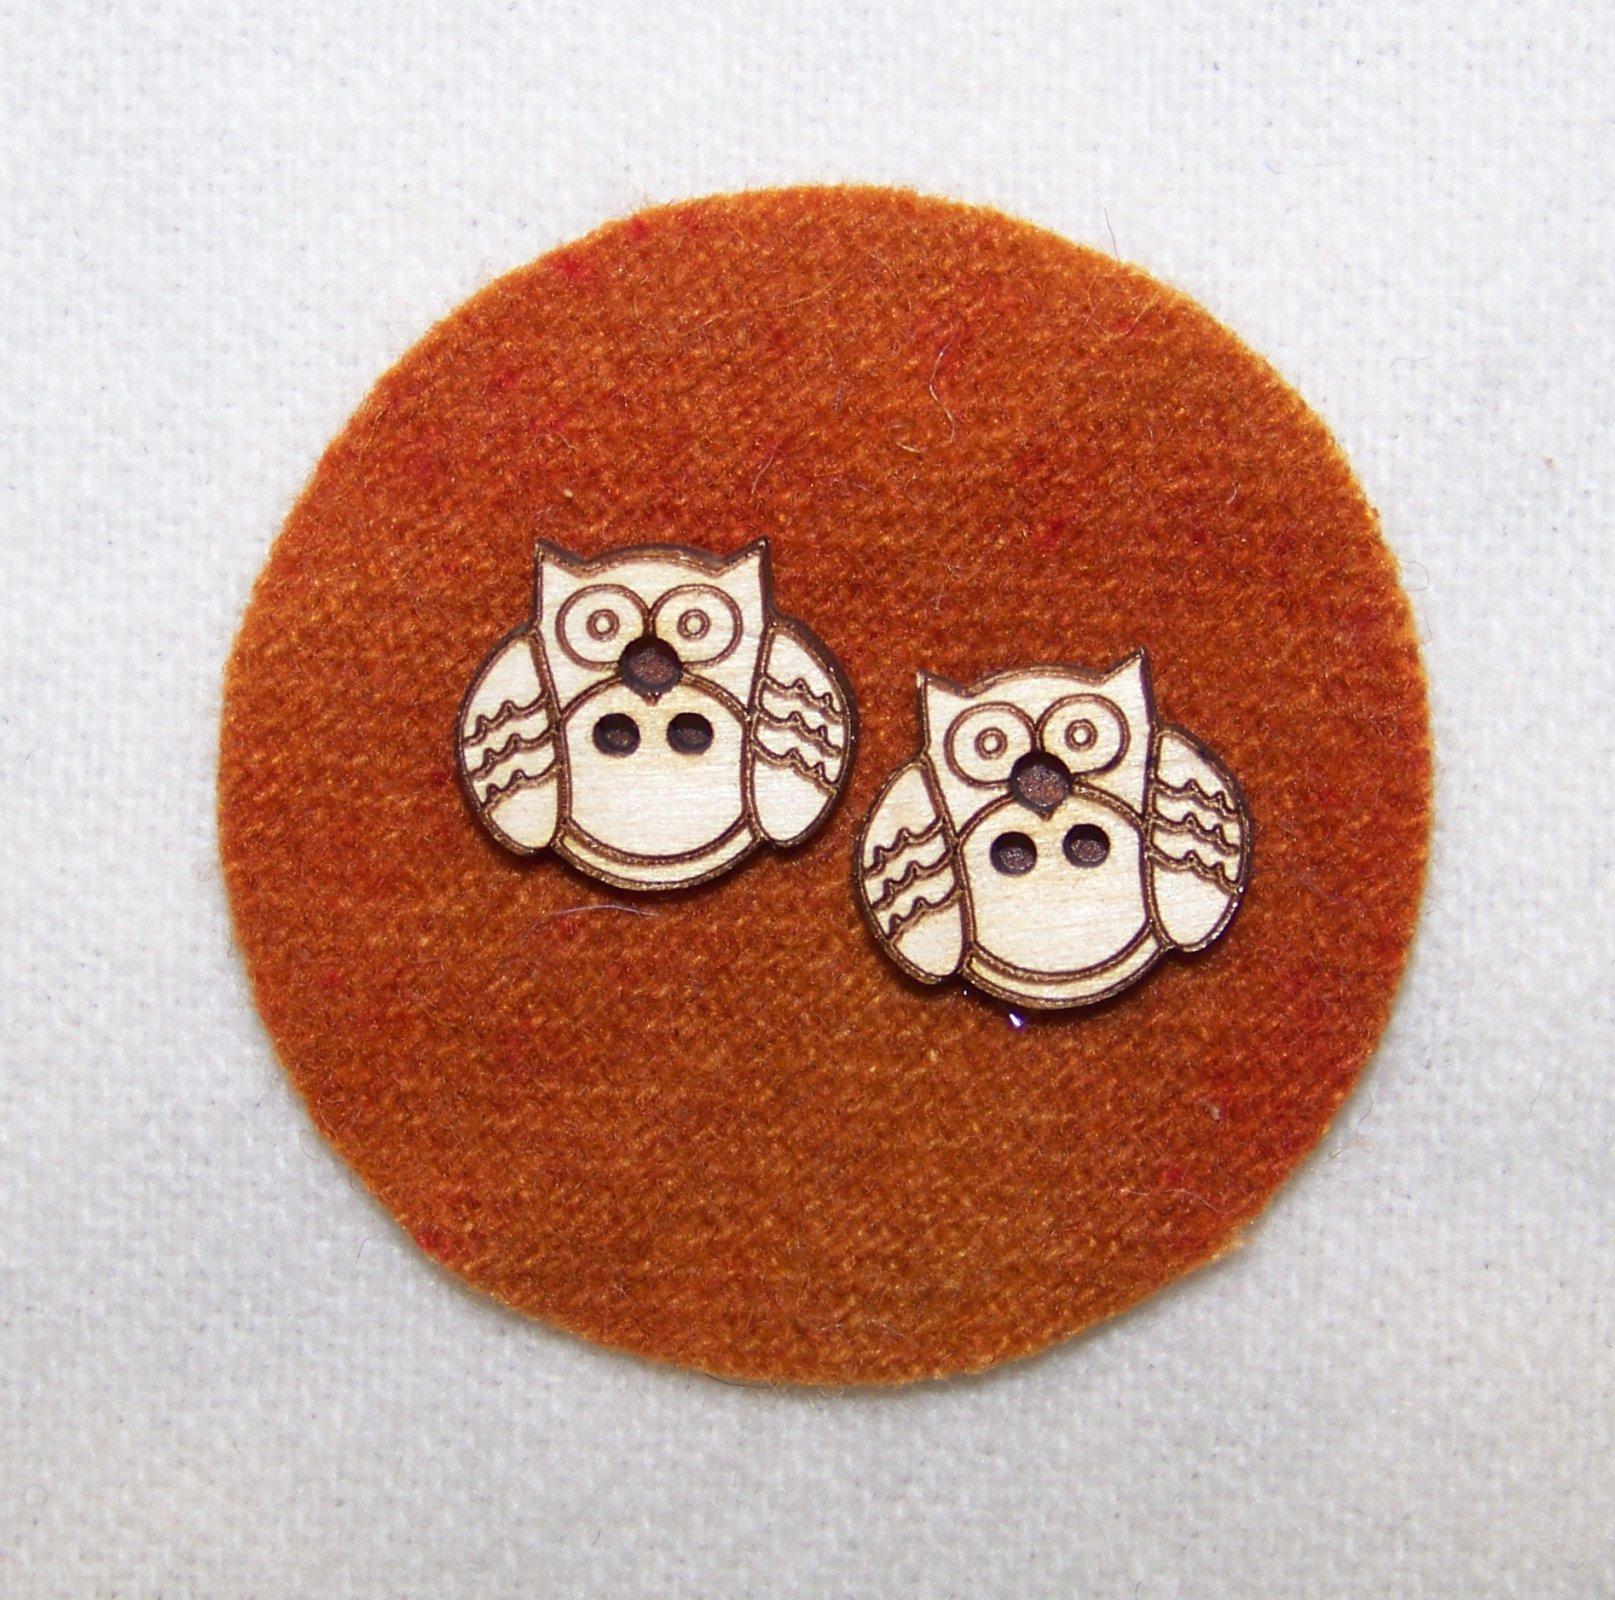 Laser Cut Wooden Buttons-Curler Owls